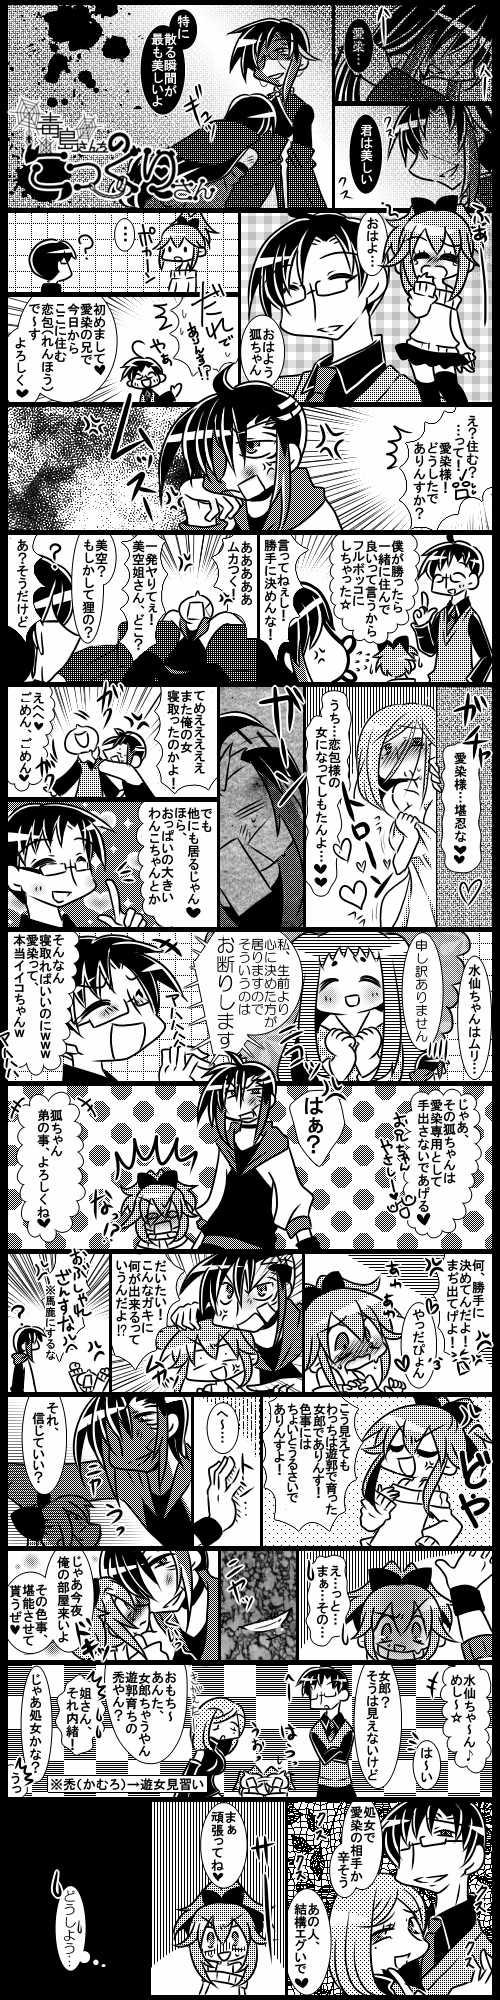 第二話【お兄ちゃん】